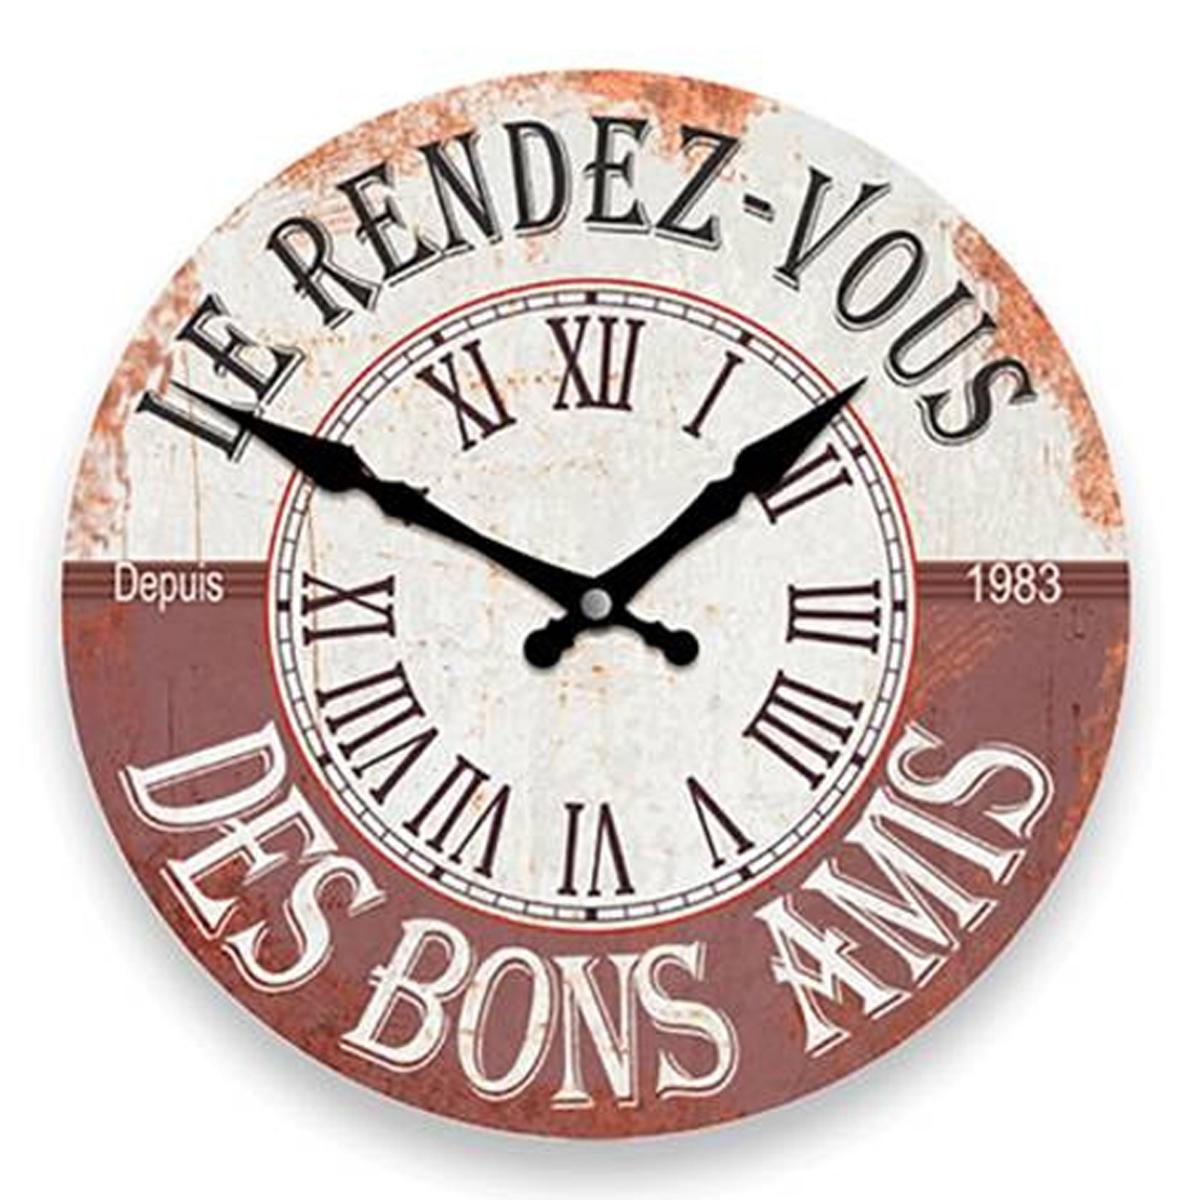 Horloge Murale \'Apéro Vintage\' marron beige (le rendez vous des bons amis) -  28 cm - [P8538]